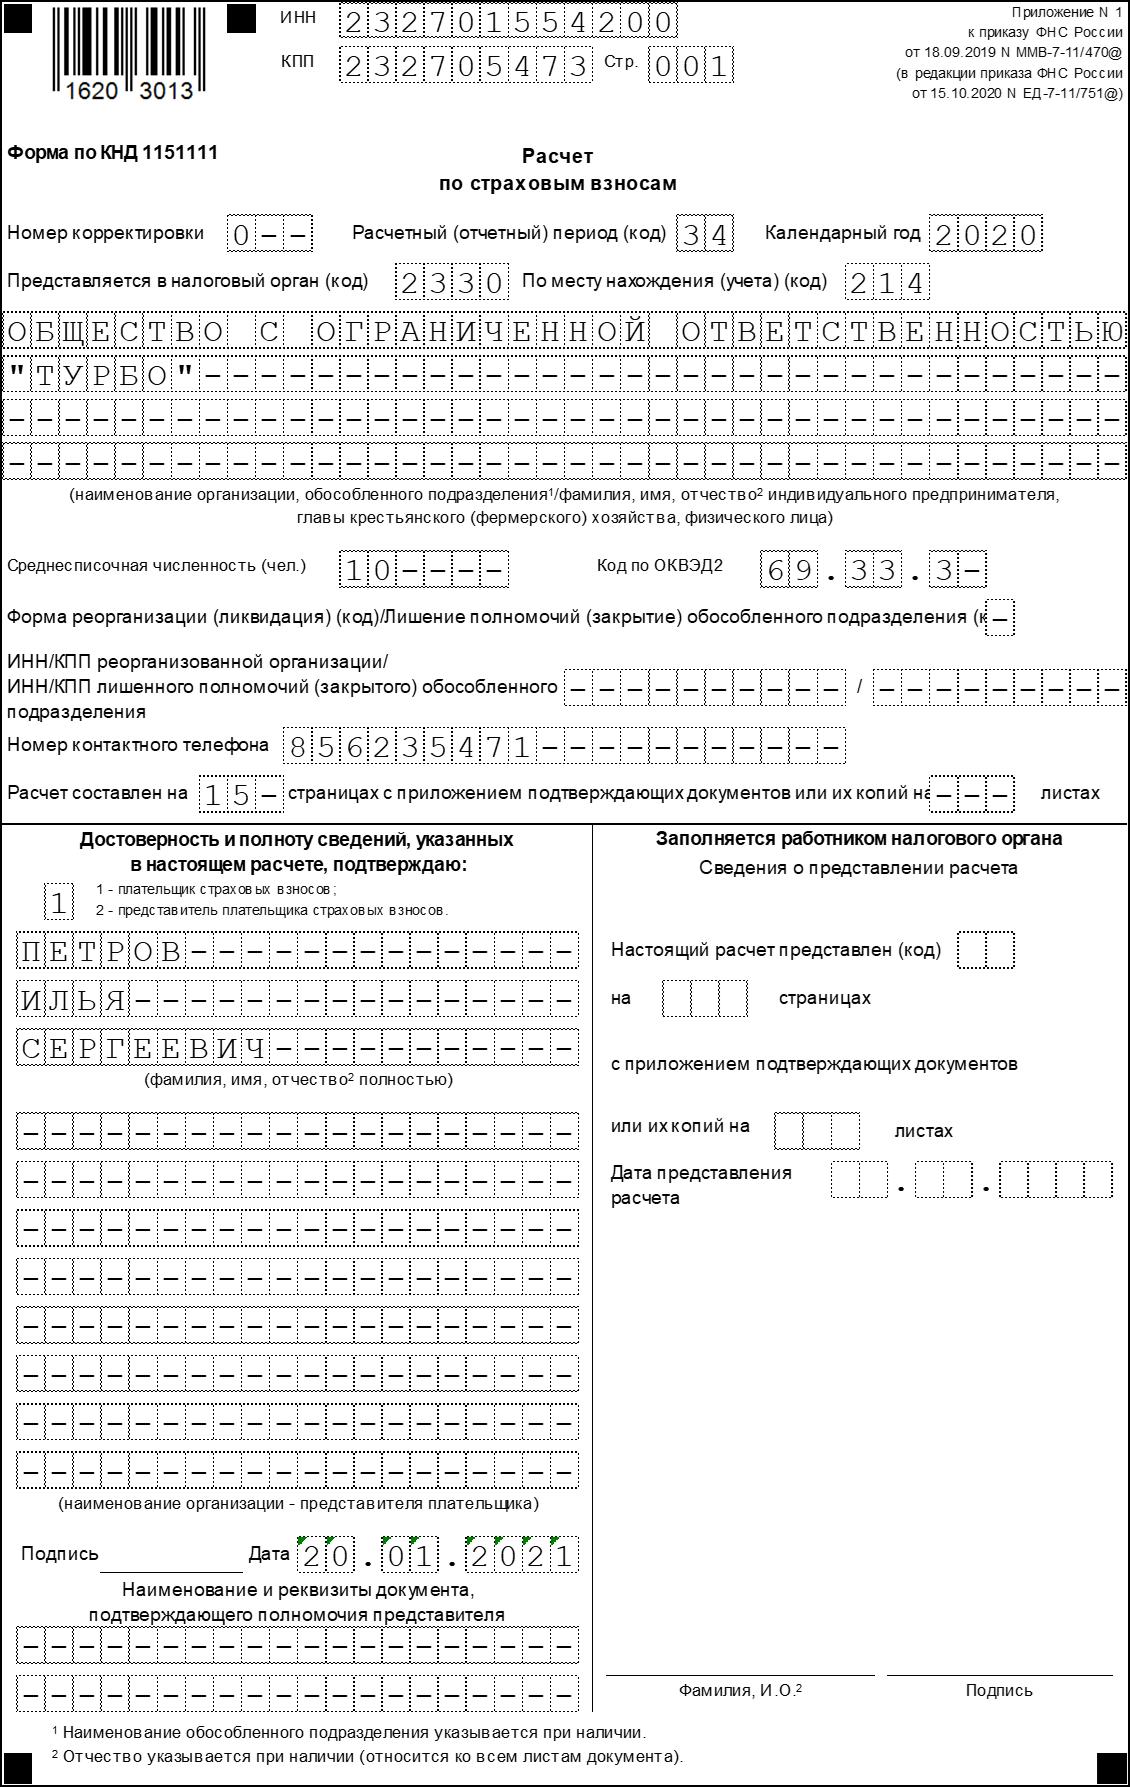 Титульный лист РСВ